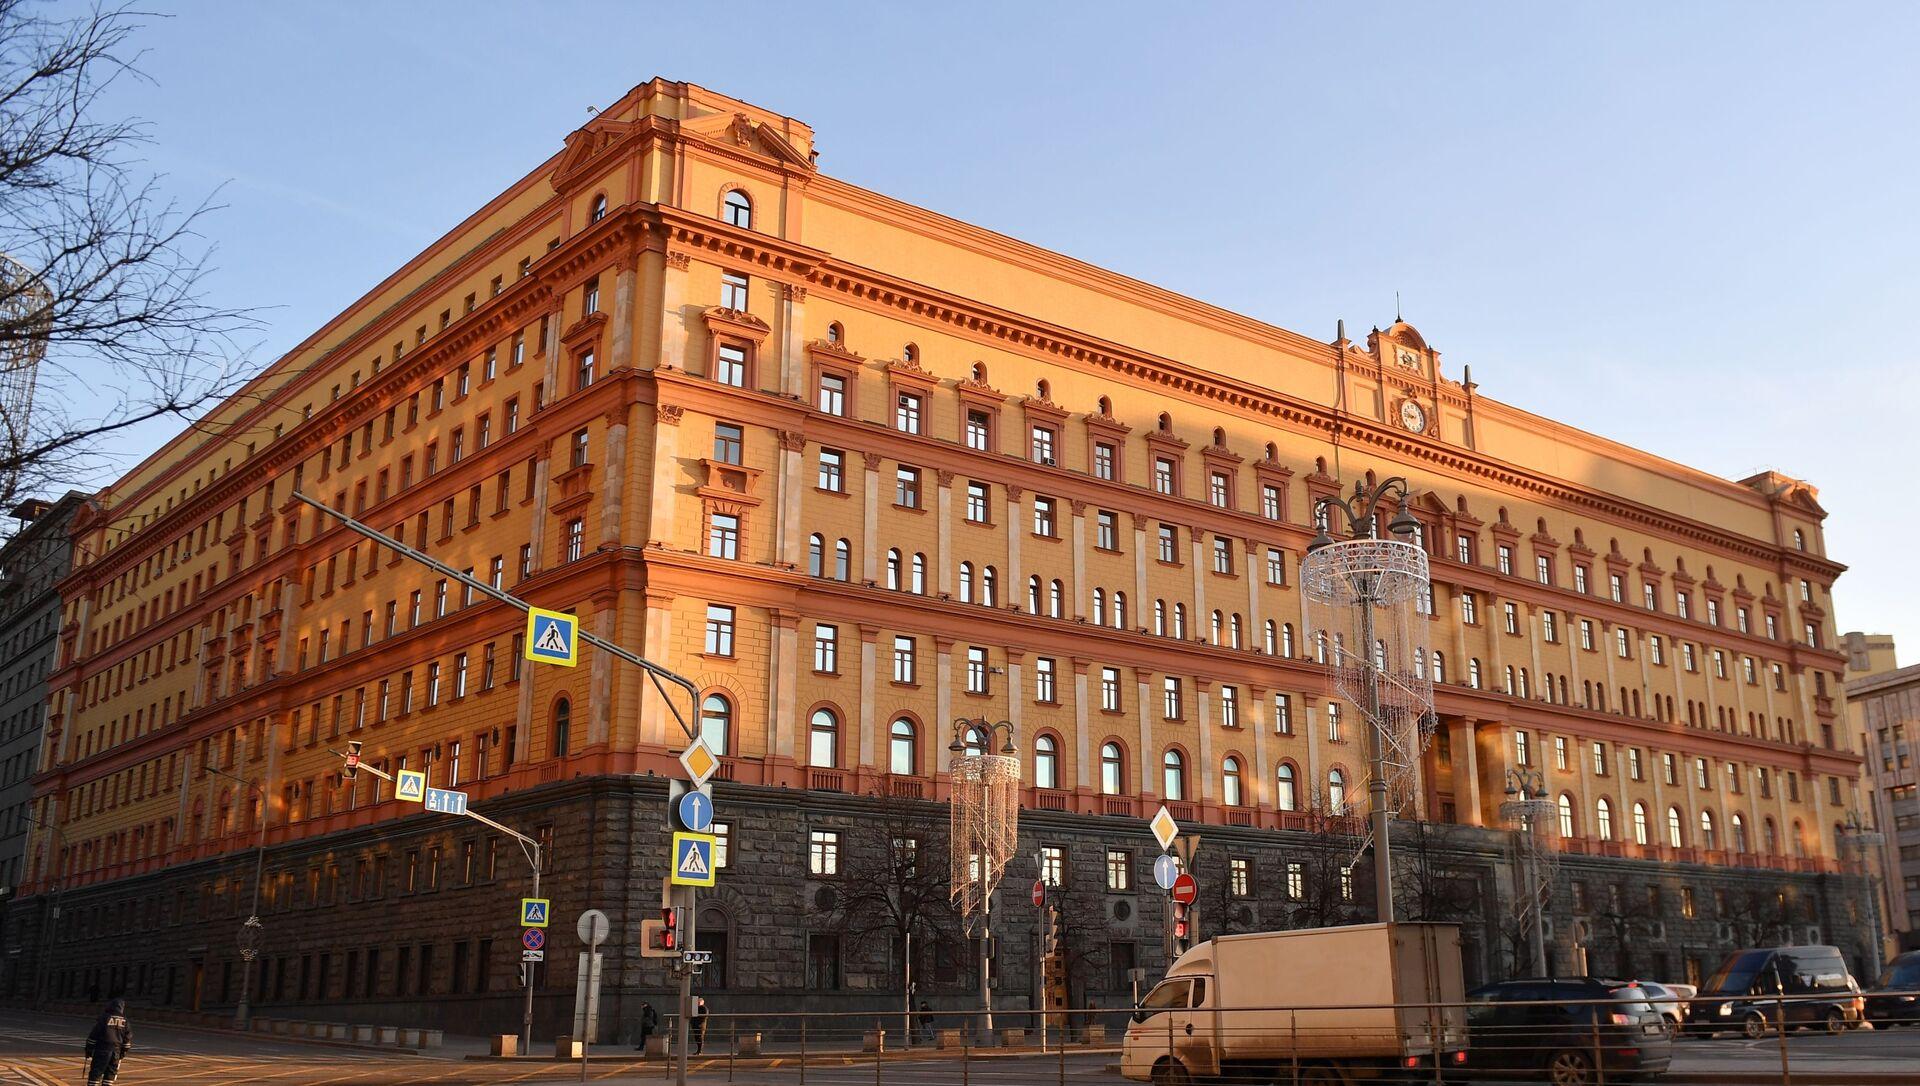 Ситуация на месте стрельбы в центре Москвы - Sputnik Беларусь, 1920, 17.04.2021